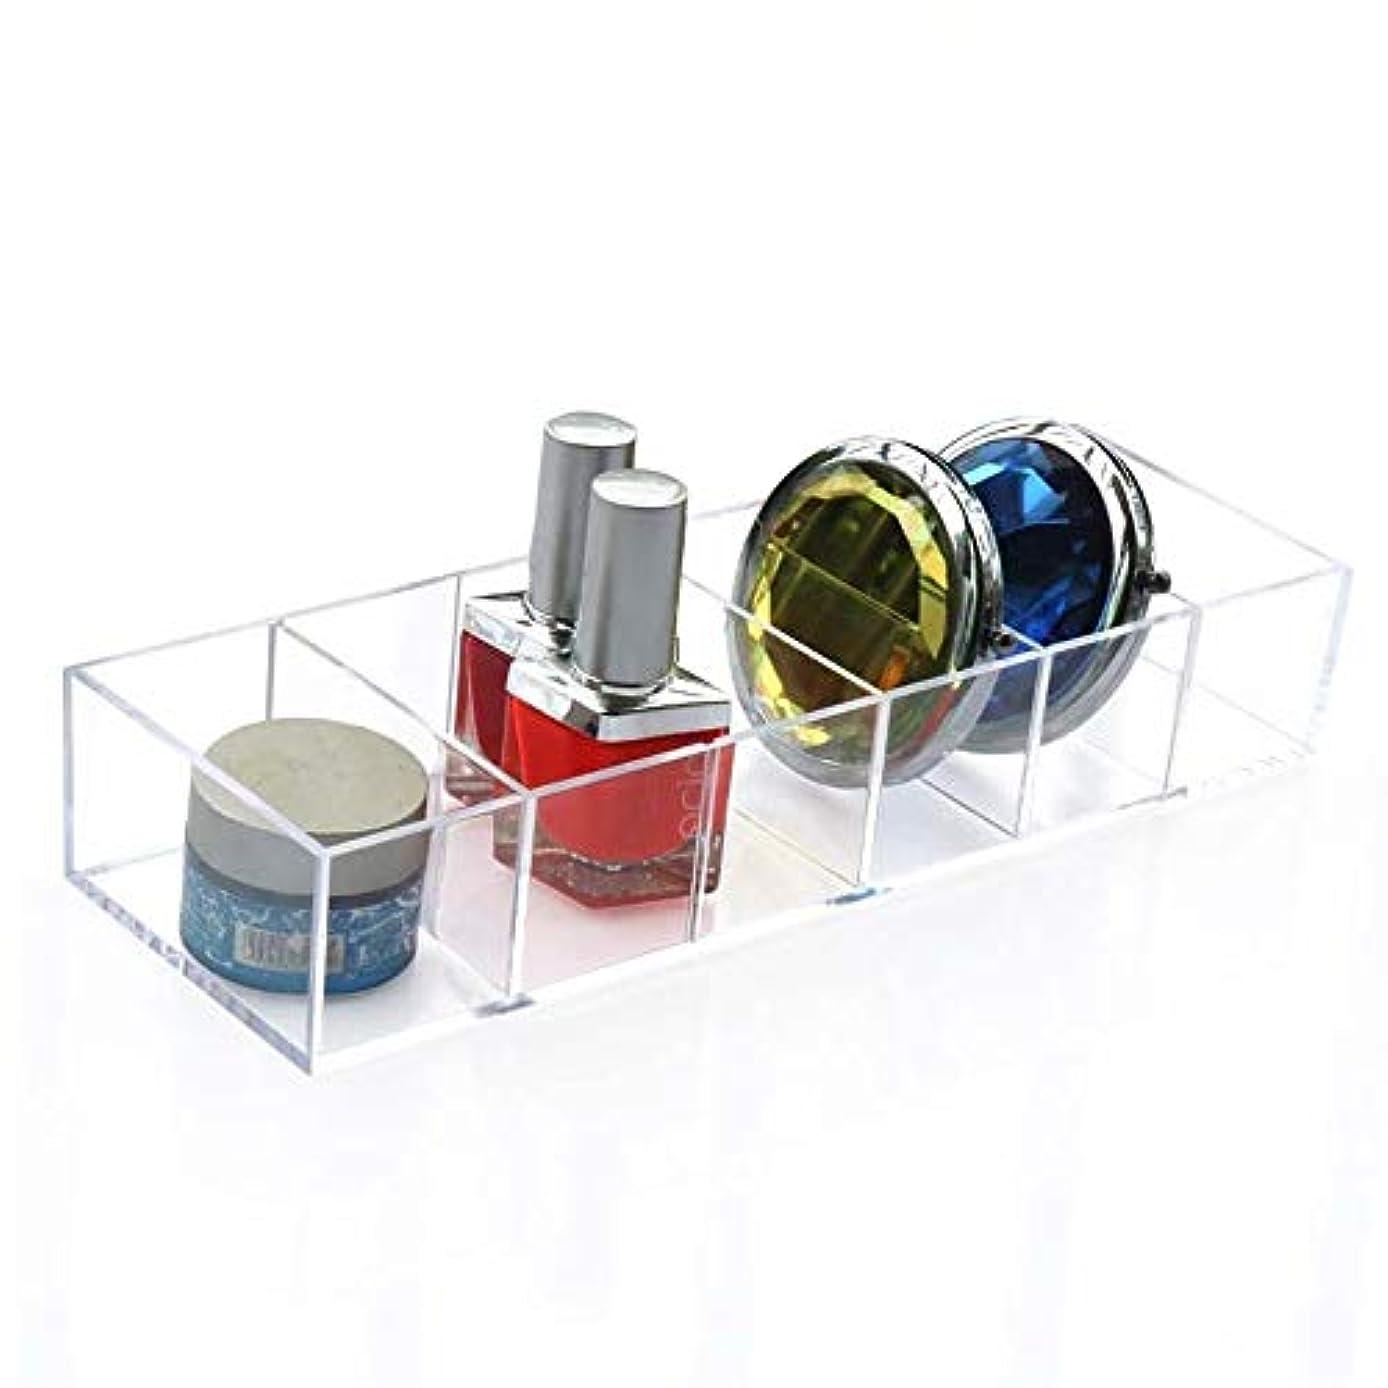 殺す配列テレビ整理簡単 シンプル6スロットアクリルフェイスパウダー口紅ホルダー化粧ケース収納オーガナイザーボックス (Color : Clear, Size : 25.5*8.6*4.4CM)